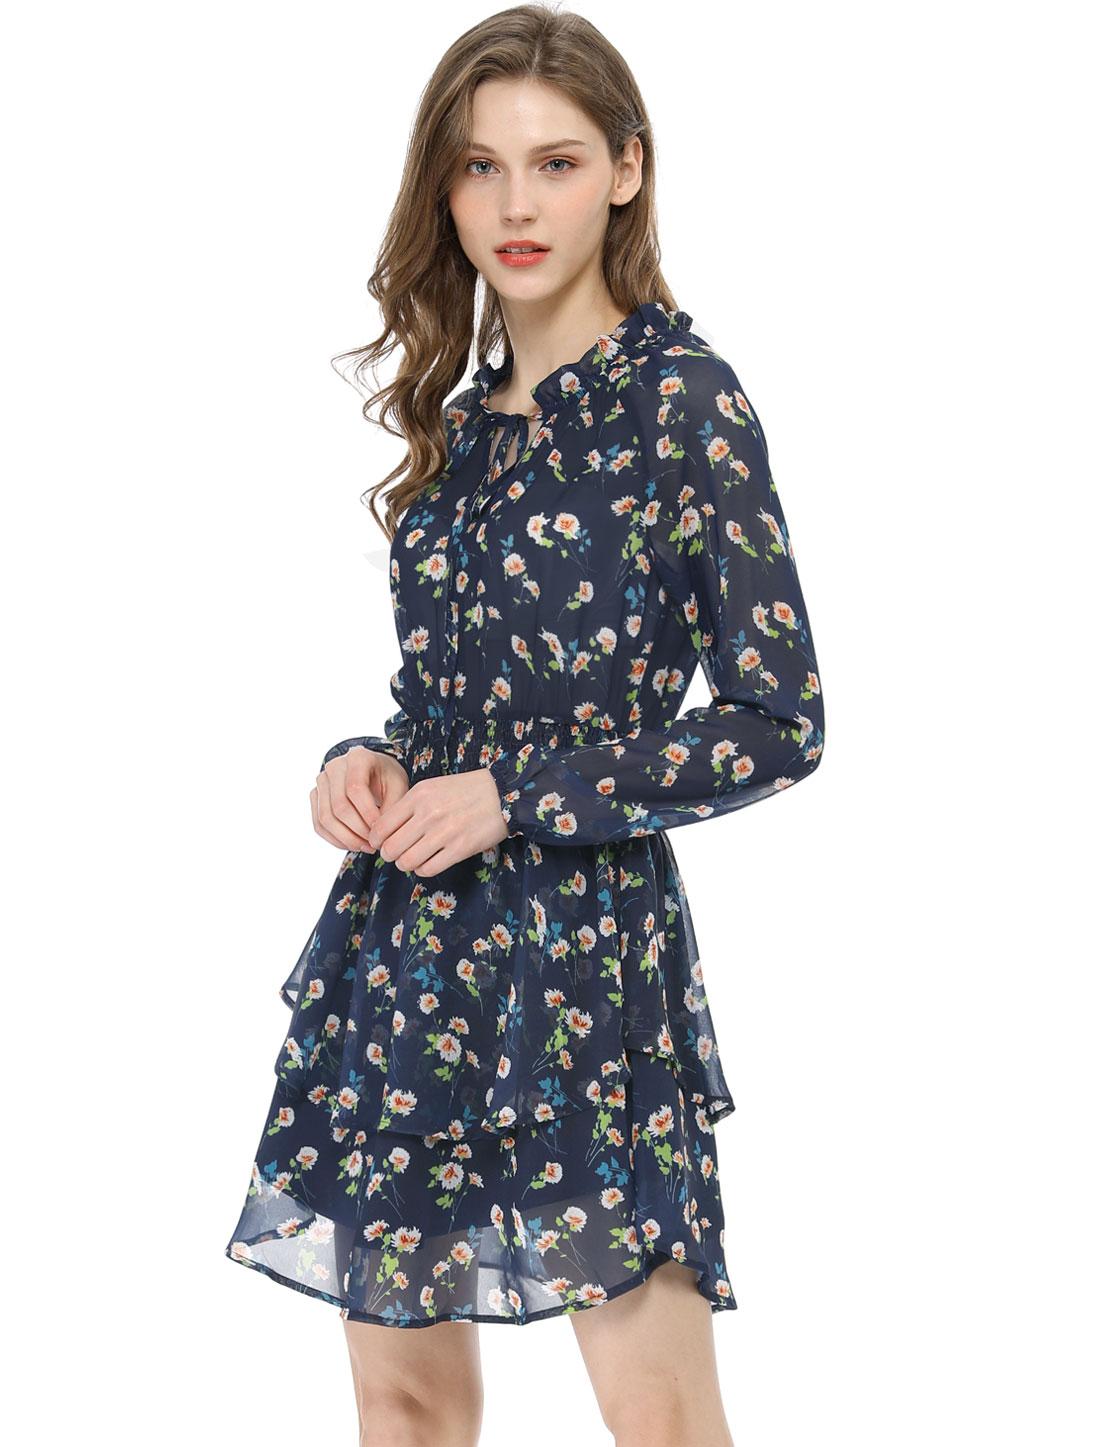 Allegra K Women's Floral Smocked Waist Chiffon Dress Dark Blue S (US 6)